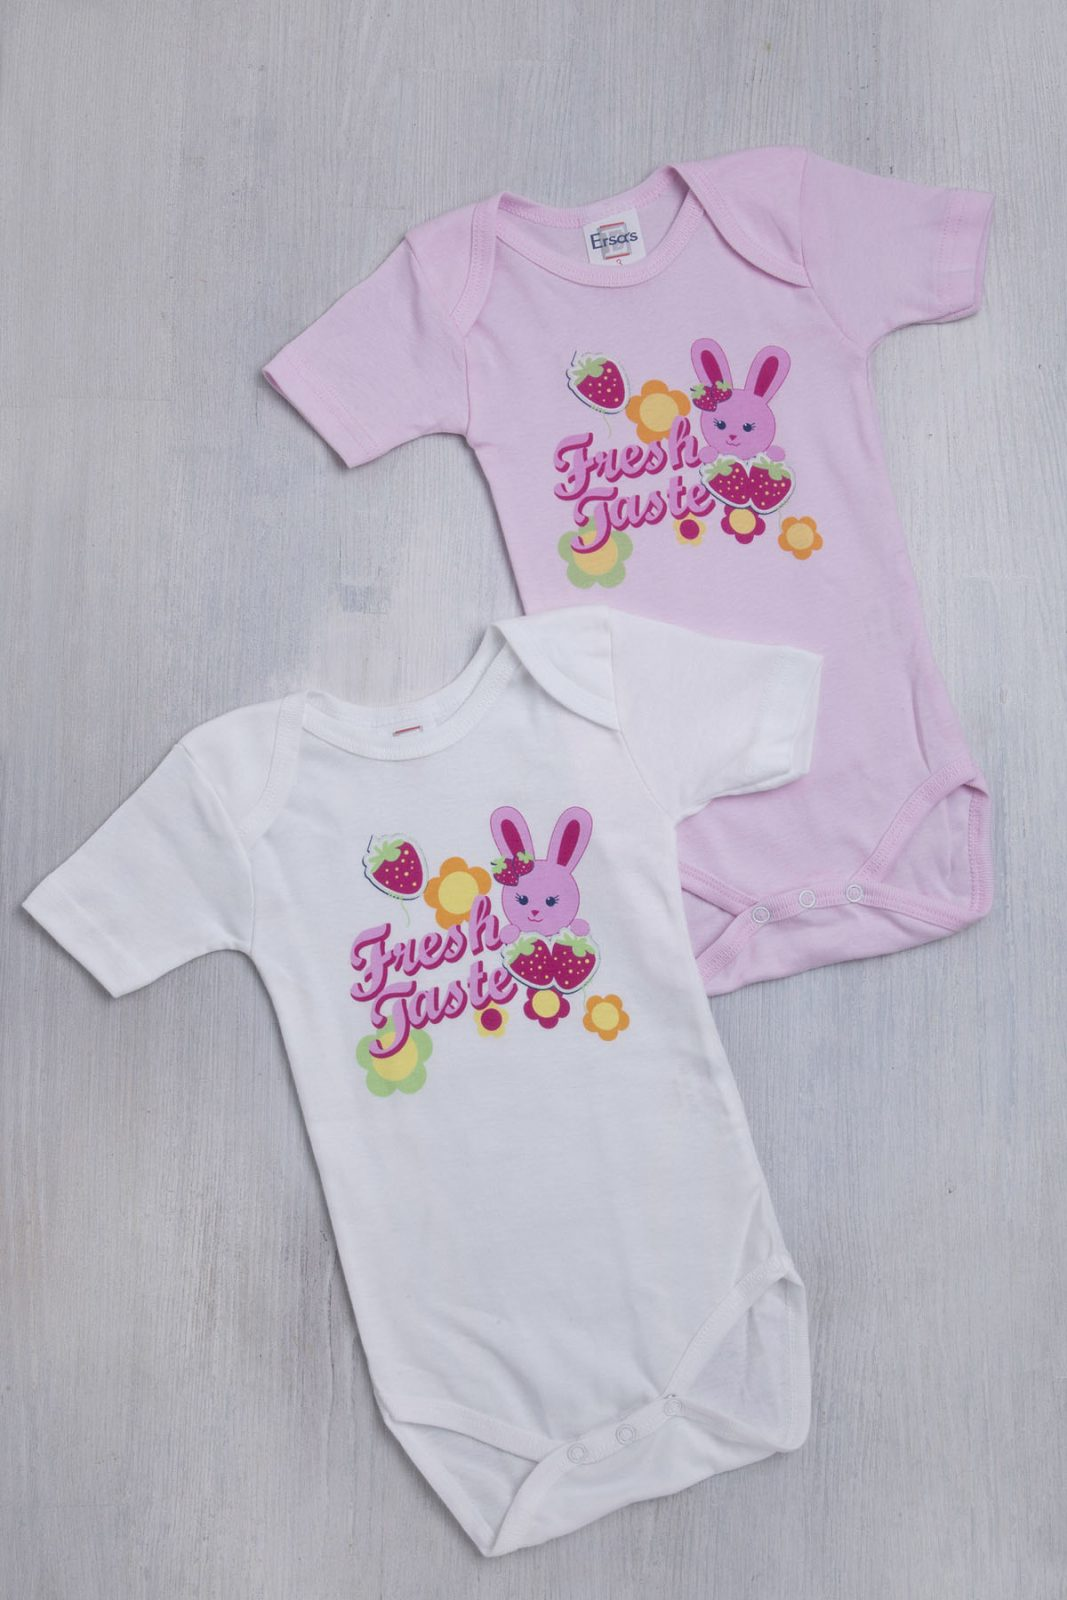 Σετ φορμάκια για Κορίτσια με κοντό μανίκι σε λευκό και ροζ